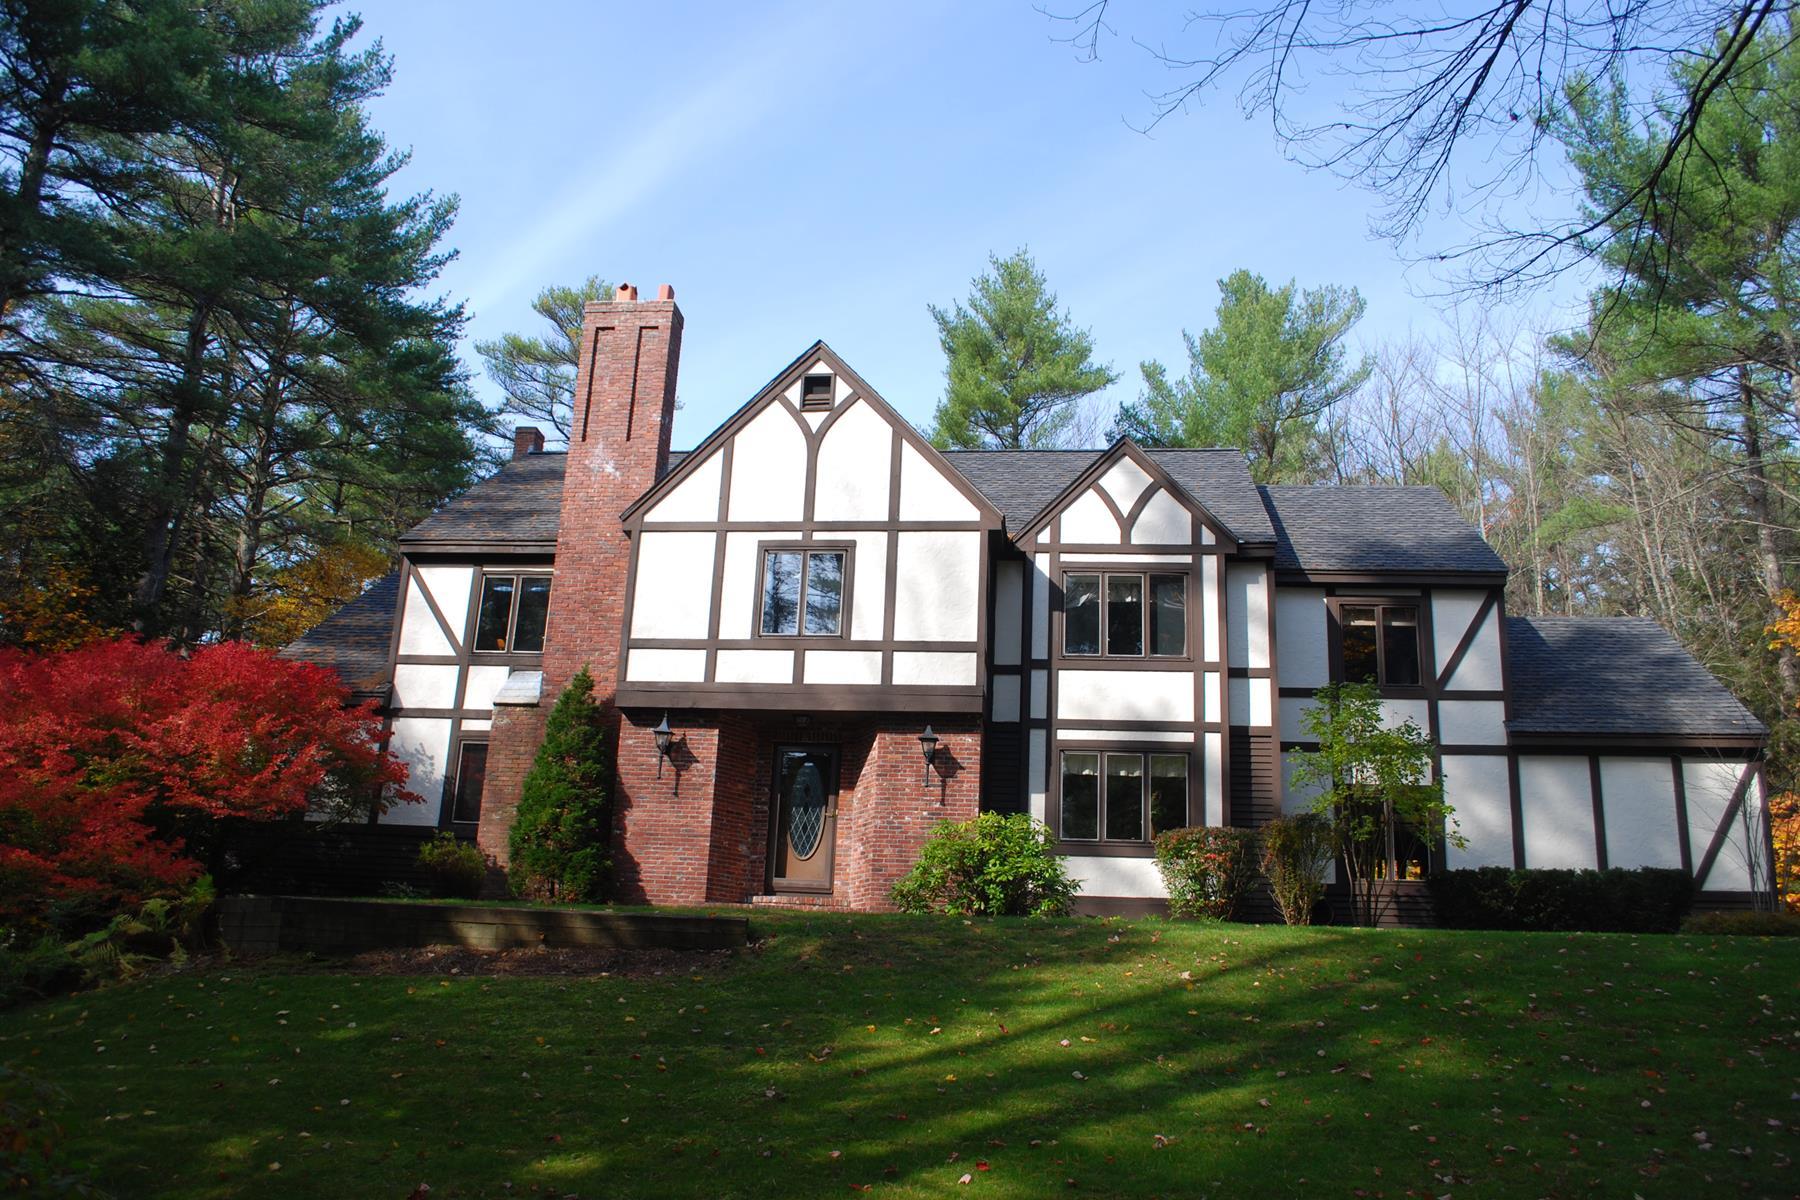 Maison unifamiliale pour l Vente à 112 Ridge Road, New London 112 Ridge Rd New London, New Hampshire 03257 États-Unis